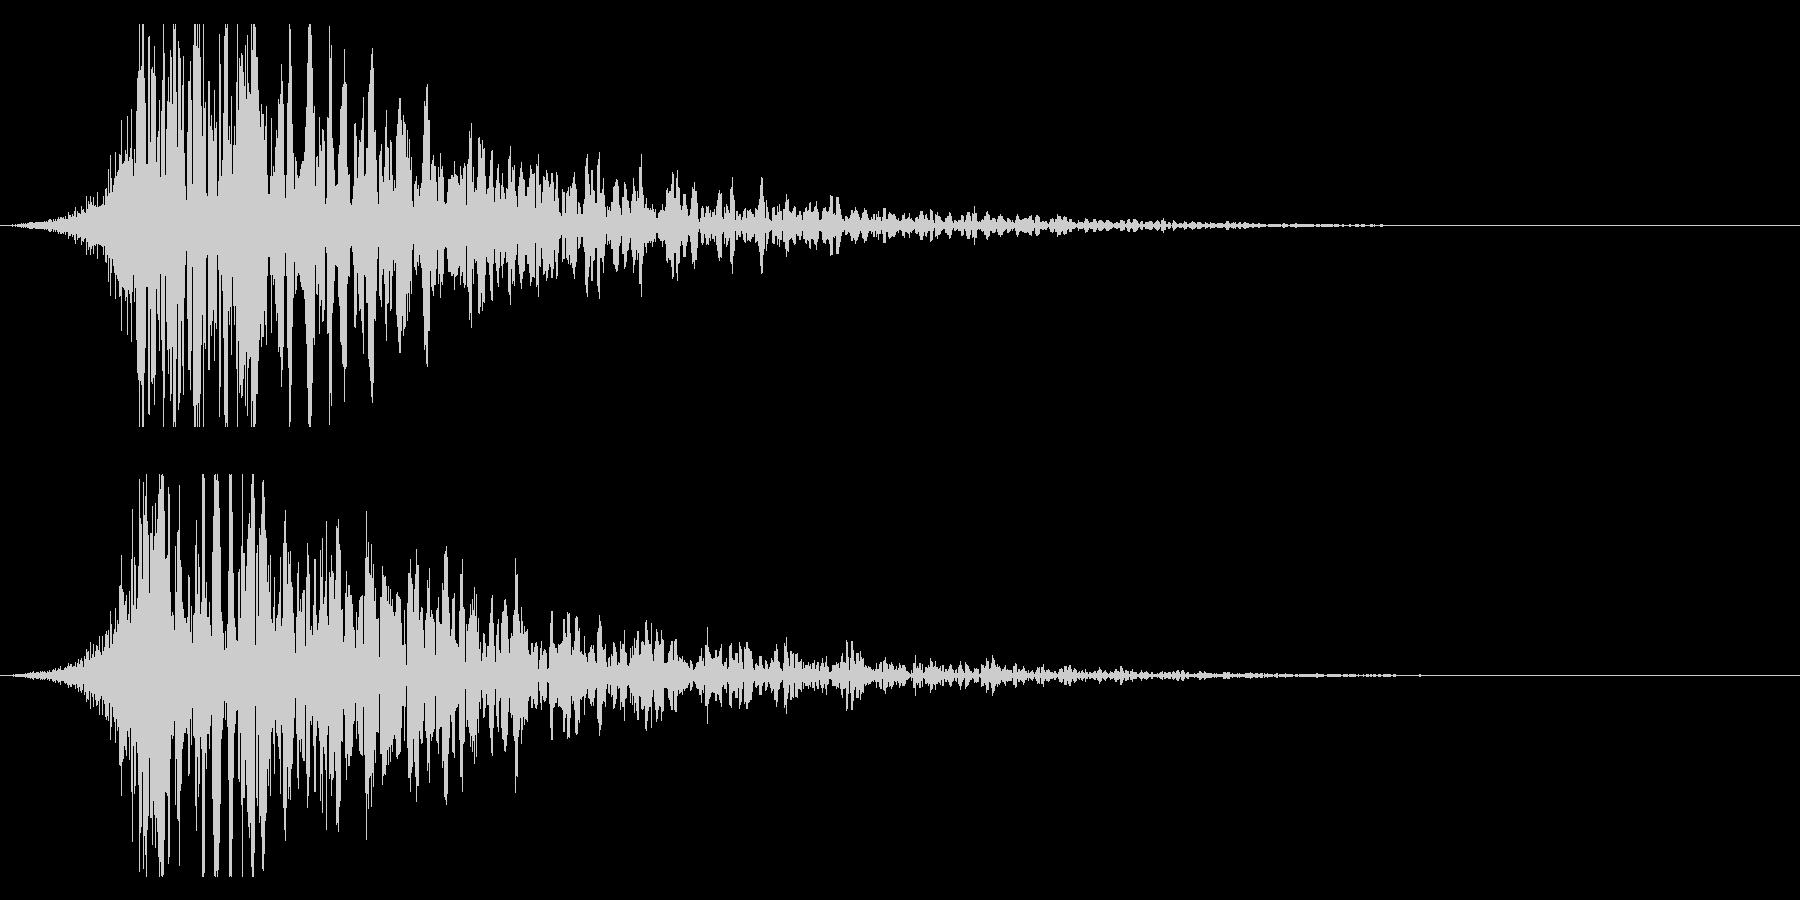 シュードーン-21-1(インパクト音)の未再生の波形